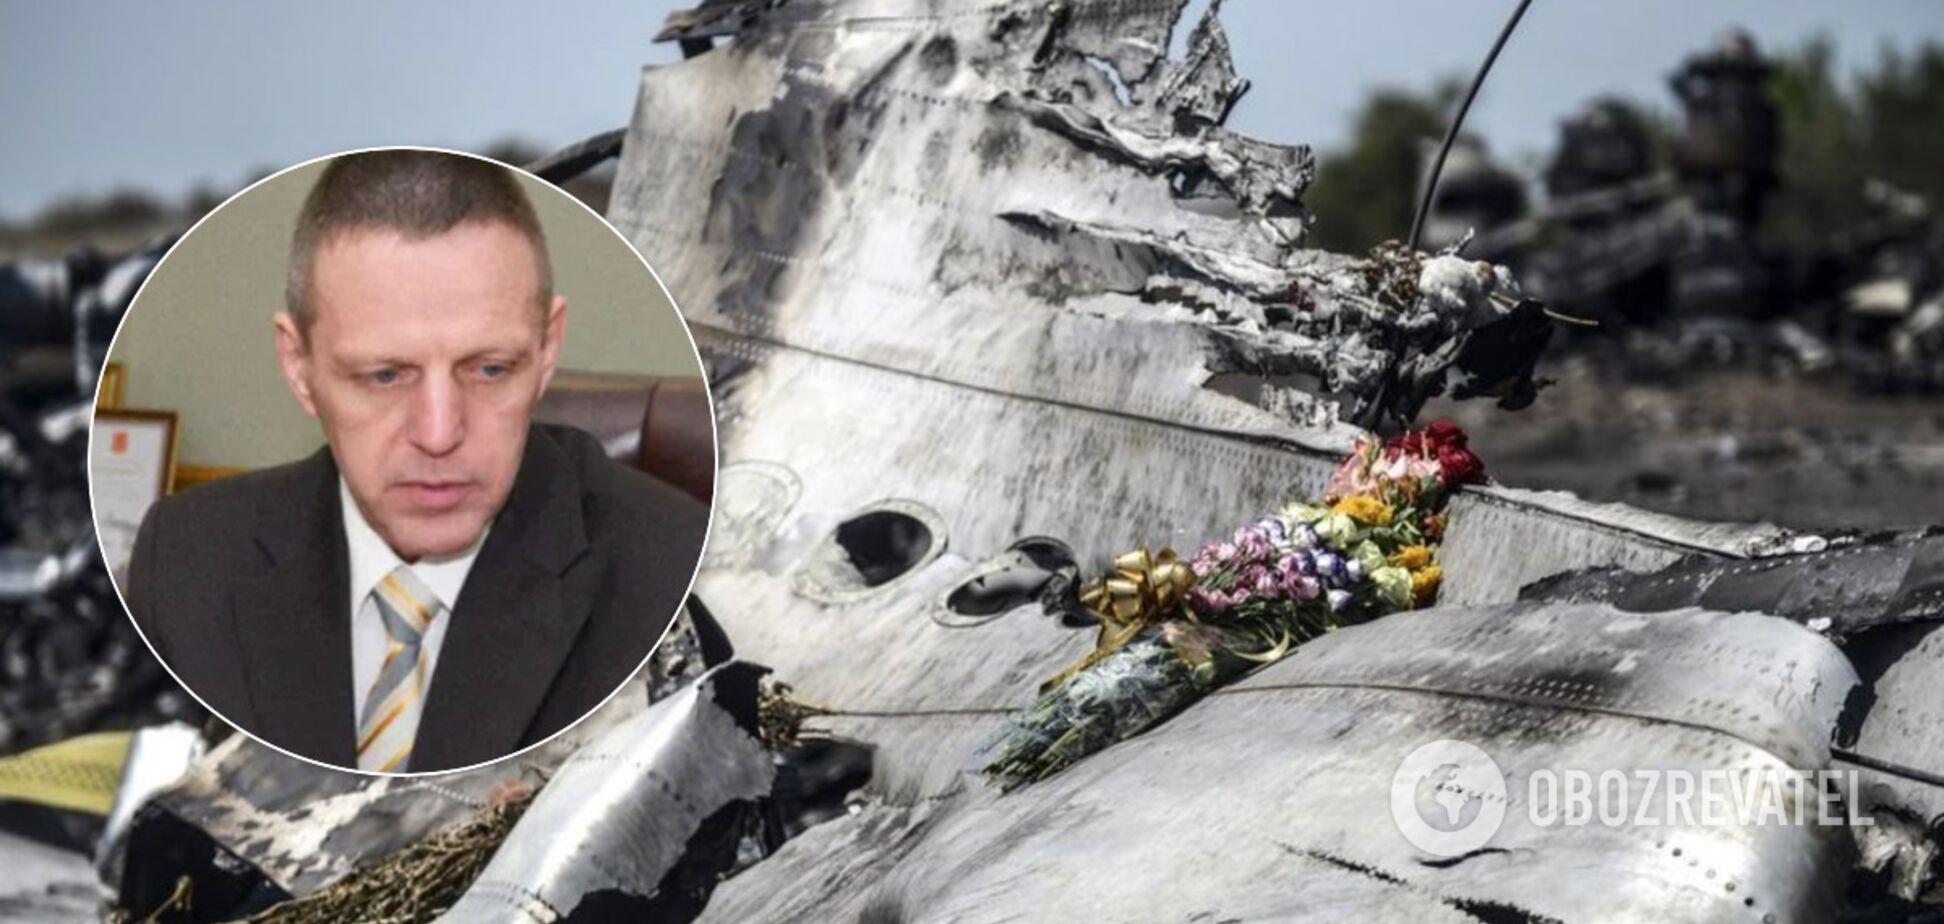 Российский генерал оказался ключевым фигурантом дела о сбитом Boeing 777